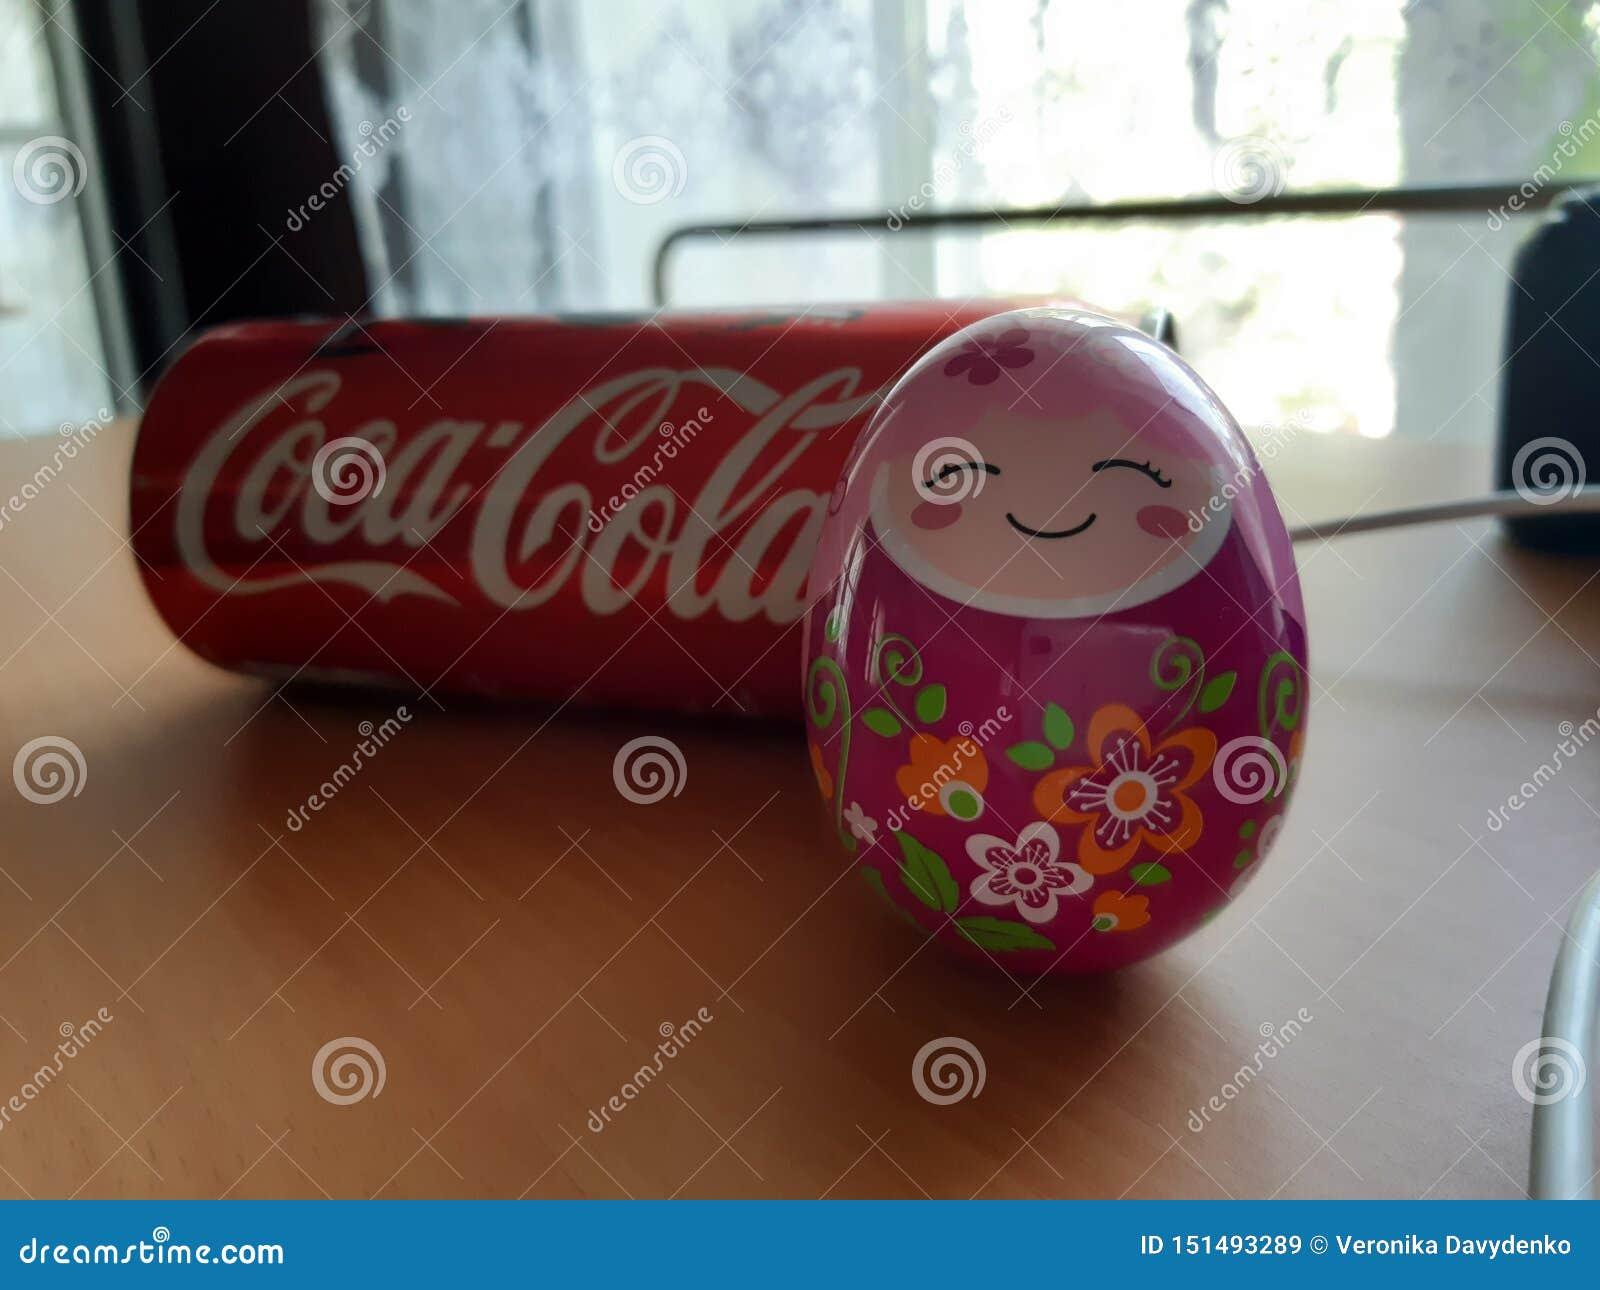 Coca cola, ägg, kamera som är rolig, cocacola